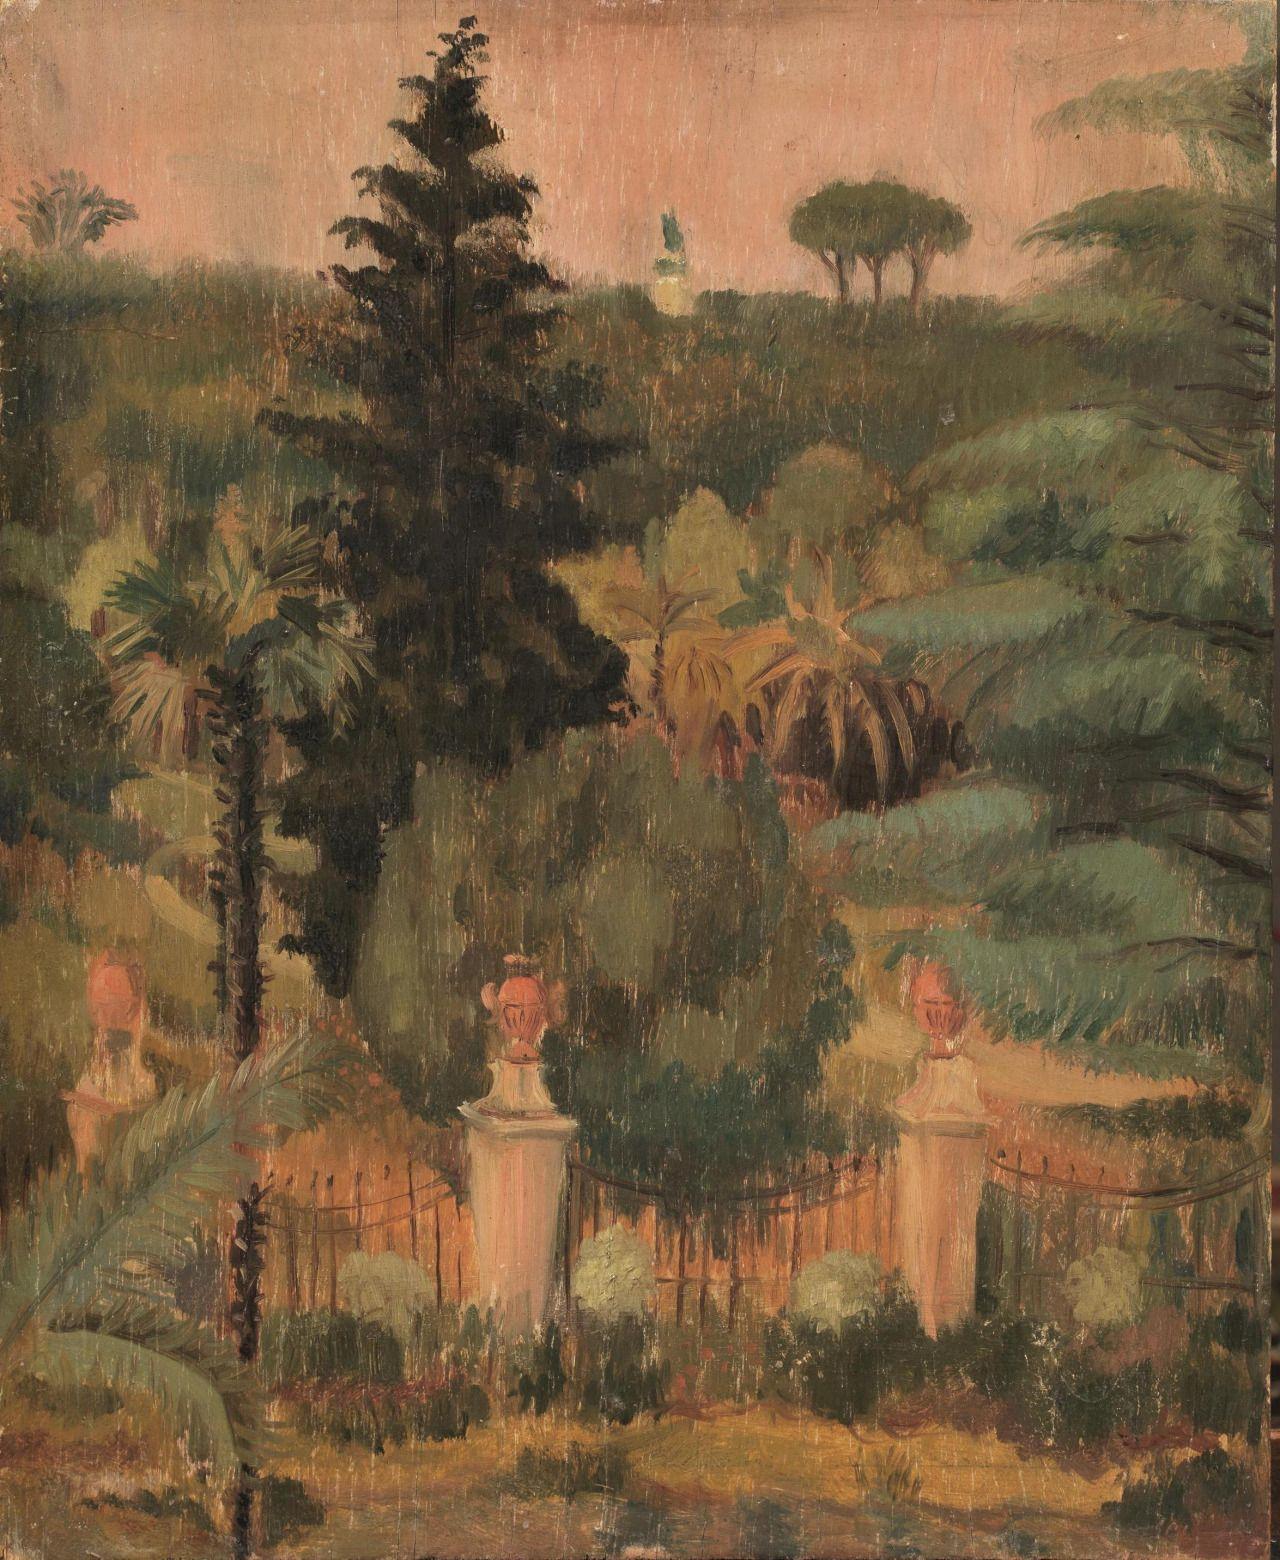 Scipione (Italian, 1904-1933), Villa Corsini, c.1929. Oil on board, 36.5 x 29.5 cm.